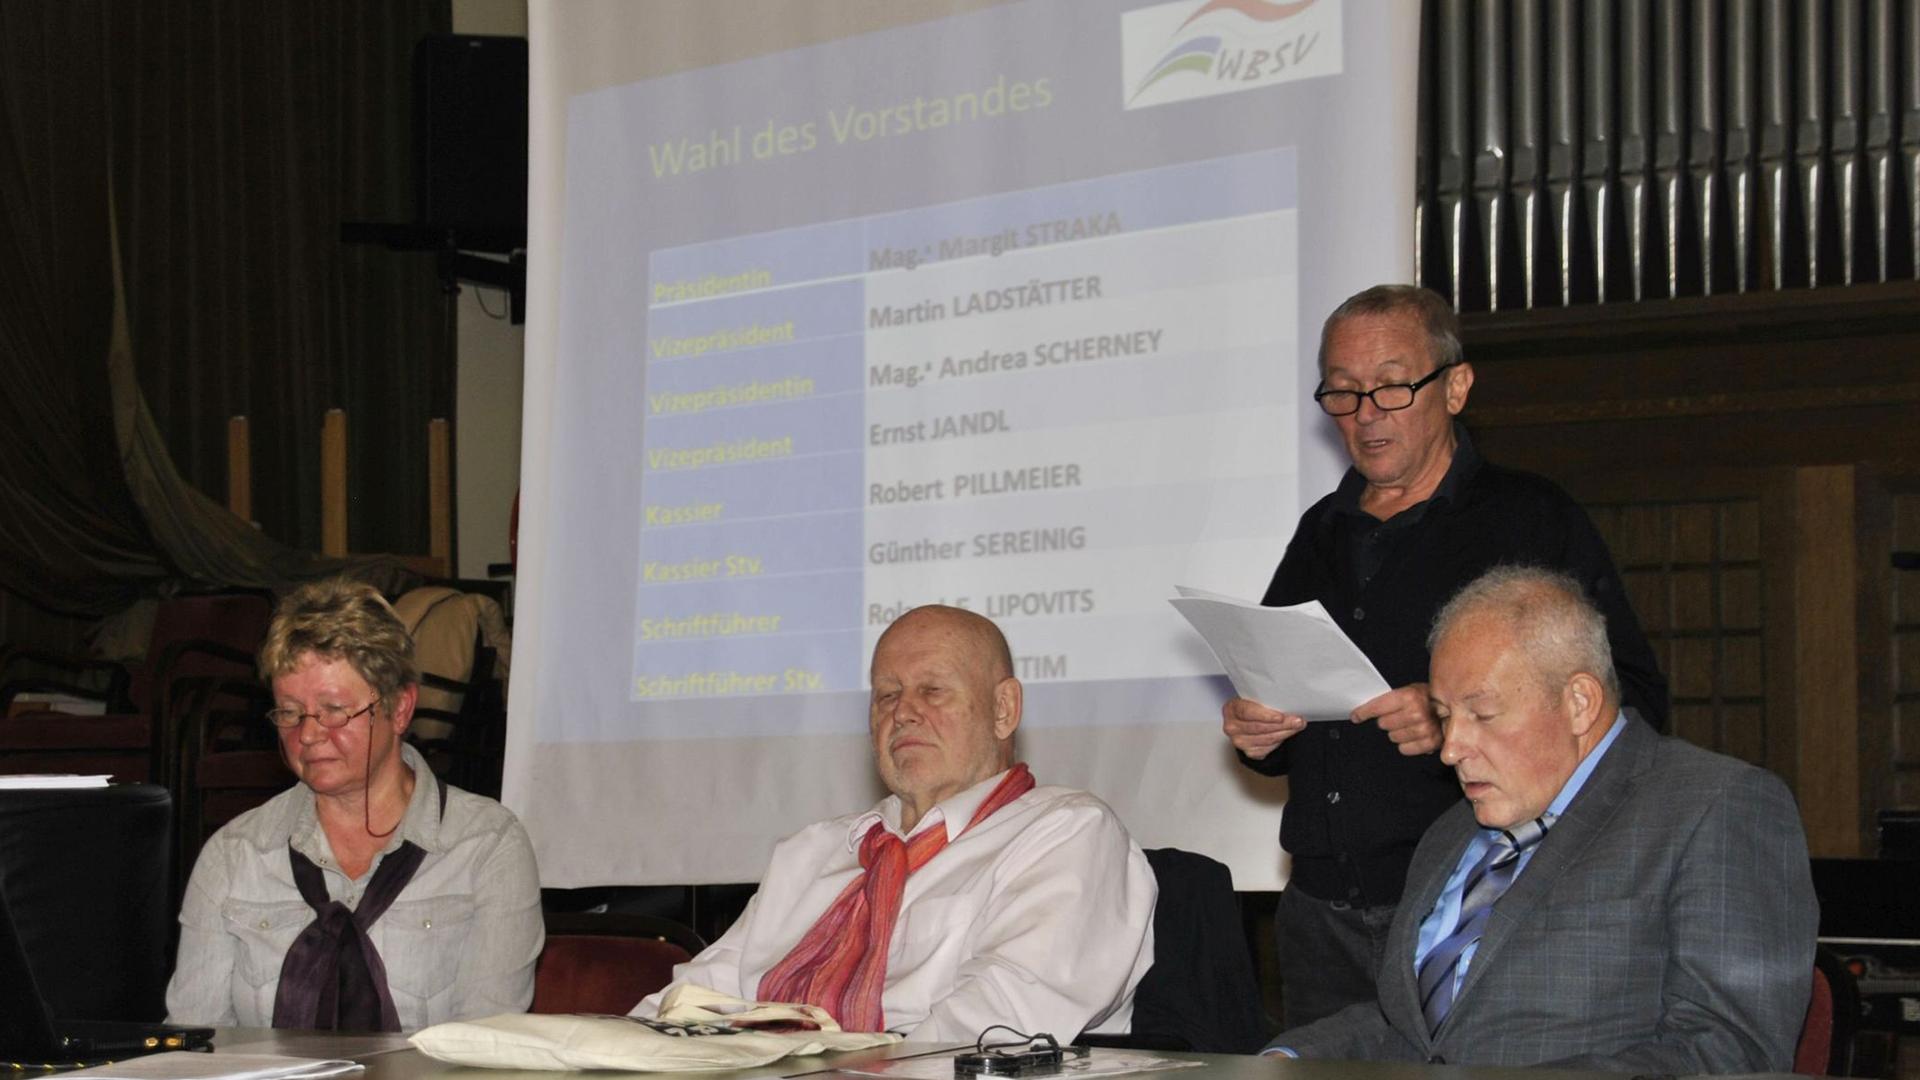 Generalversammlung Wiener Behindertensportverband am 16. November 2017